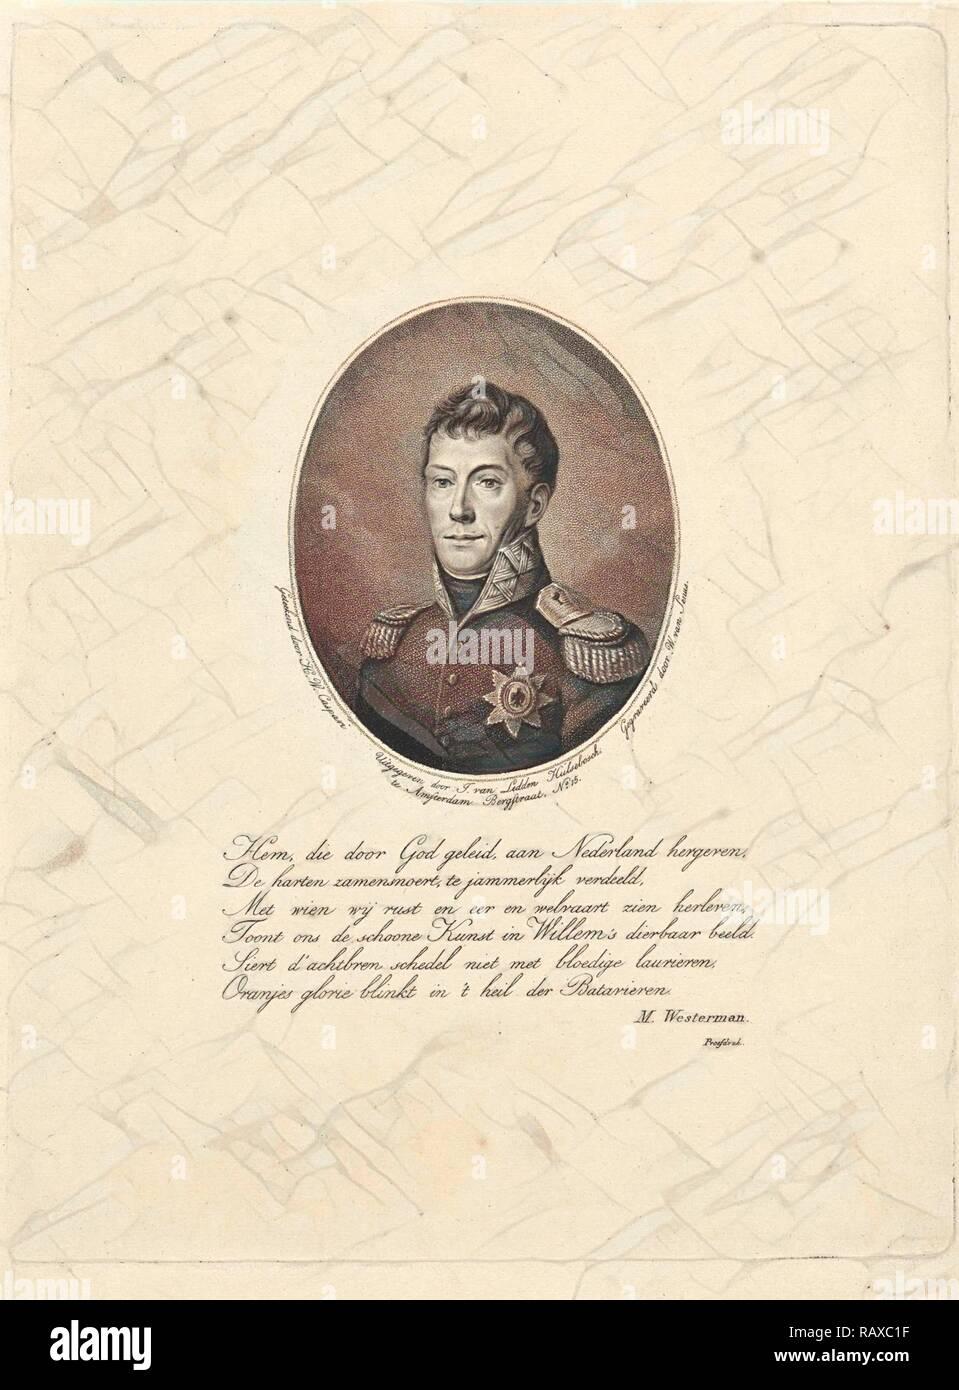 Retrato de Federico Guillermo I (rey de los Países Bajos), Willem van Senus, Marten Westerman, J. van Ledden reinventado Imagen De Stock